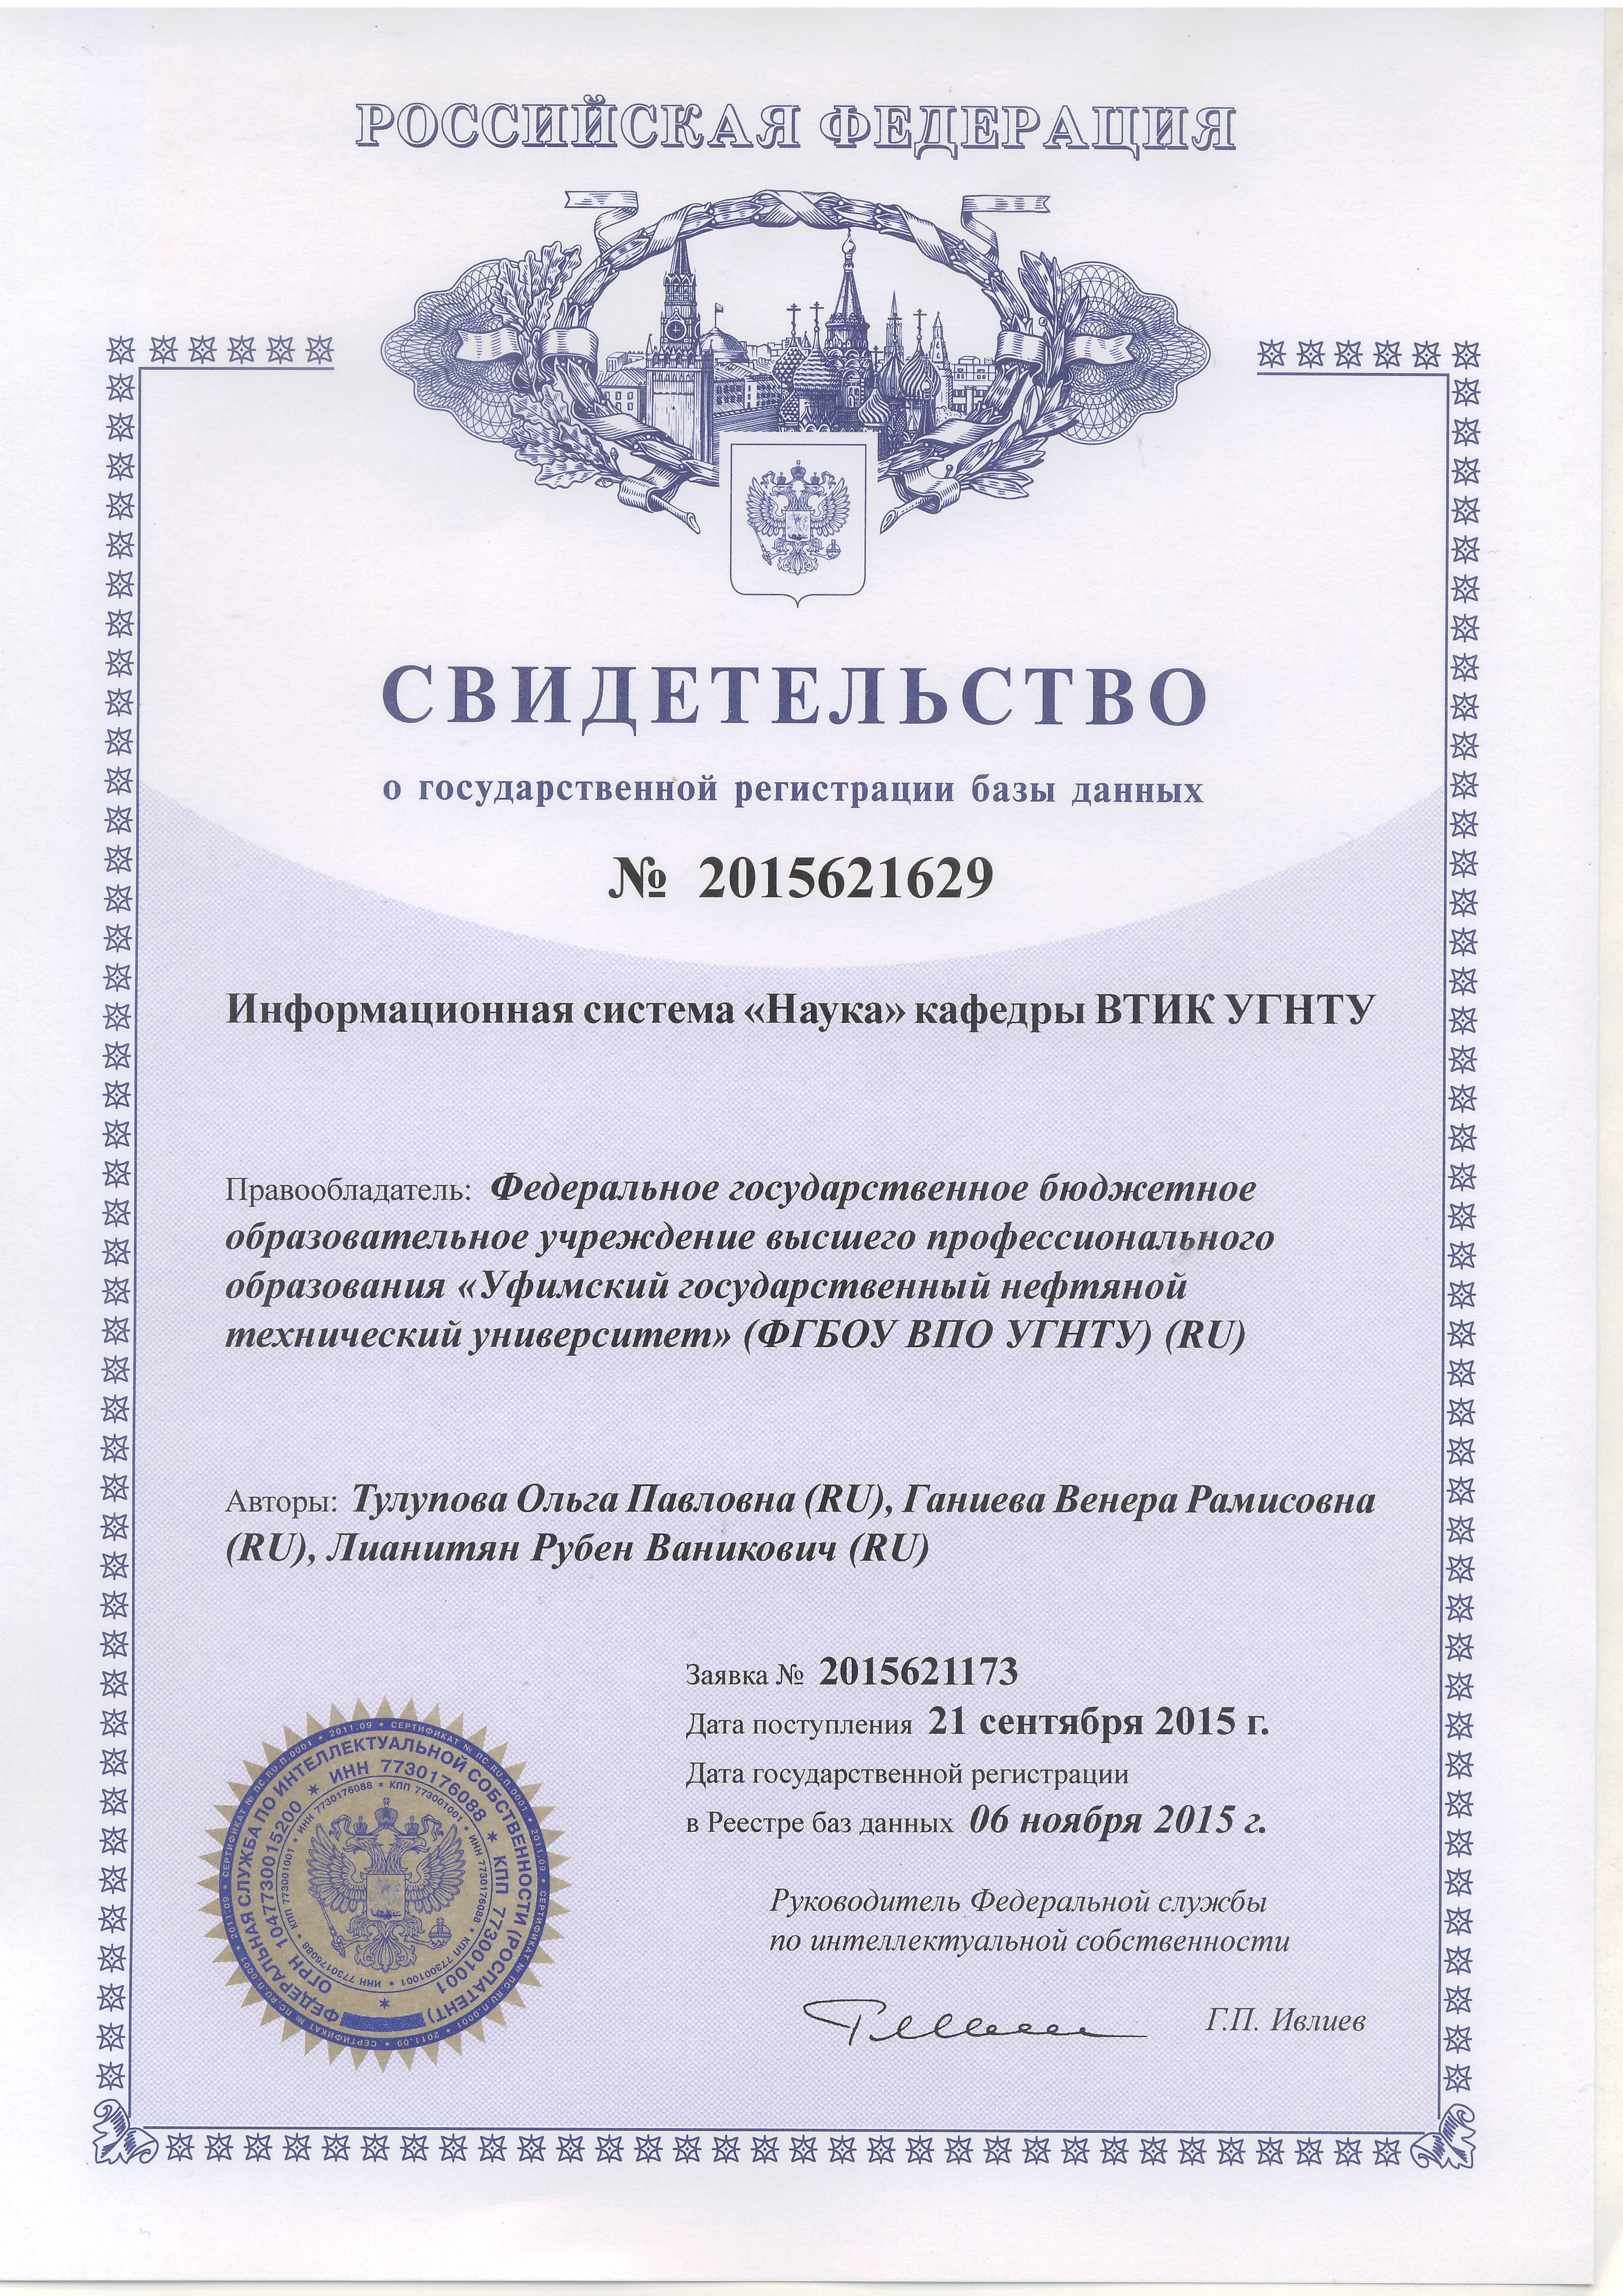 Свидетельство 201521629, #кафедравтик, #ВТИК, #ФАПП, #УГНТУ